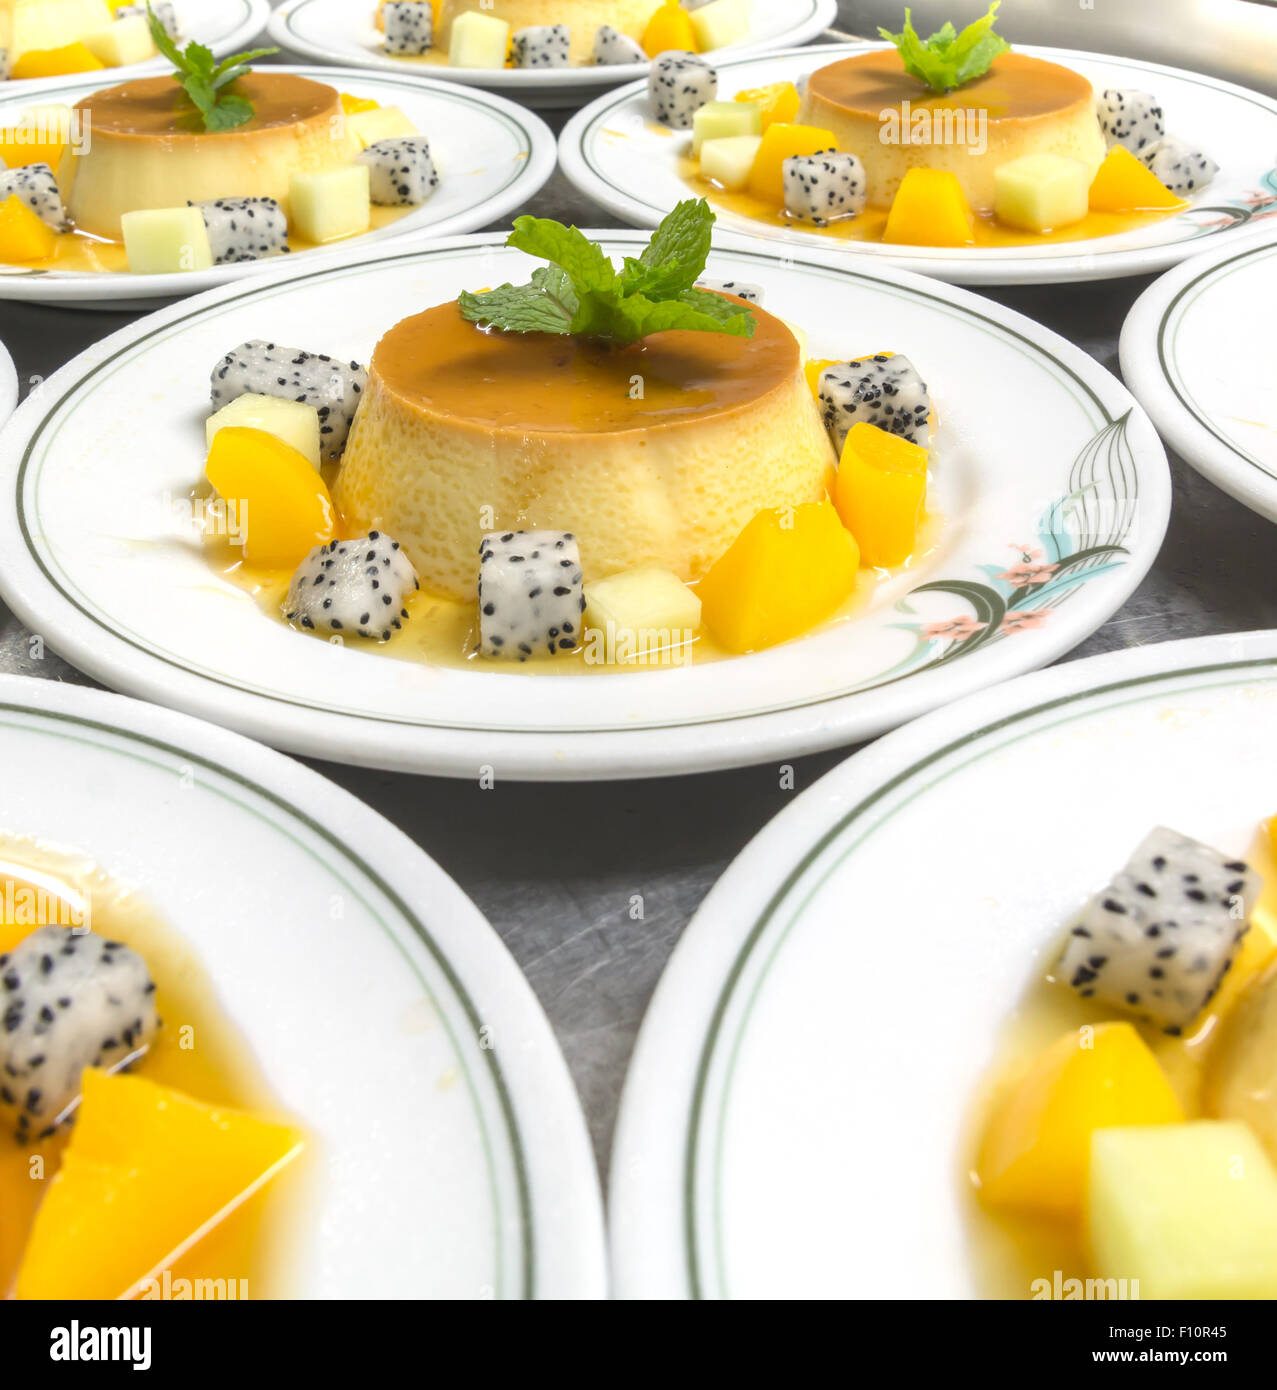 caramel custard pudding - Stock Image